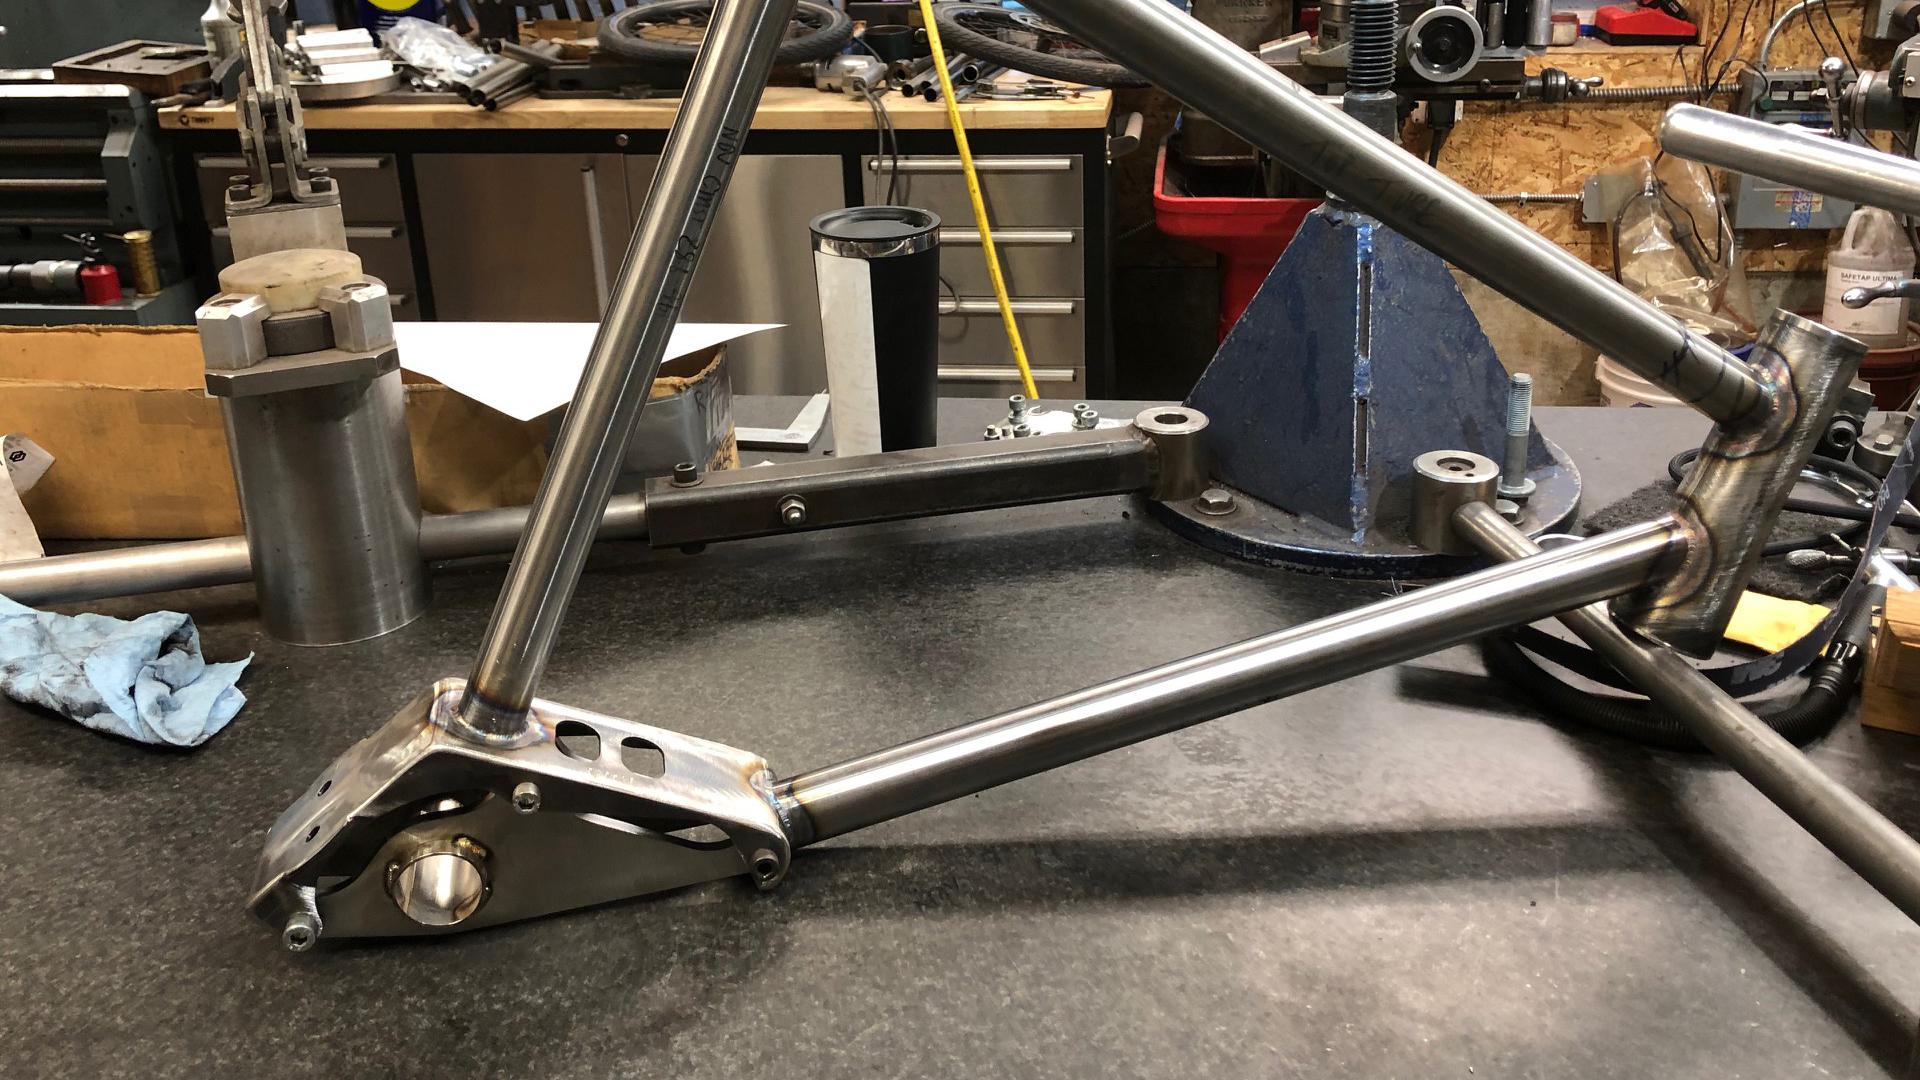 tctubes-shimano-steps-lightweight-frame-bracket (8).jpg